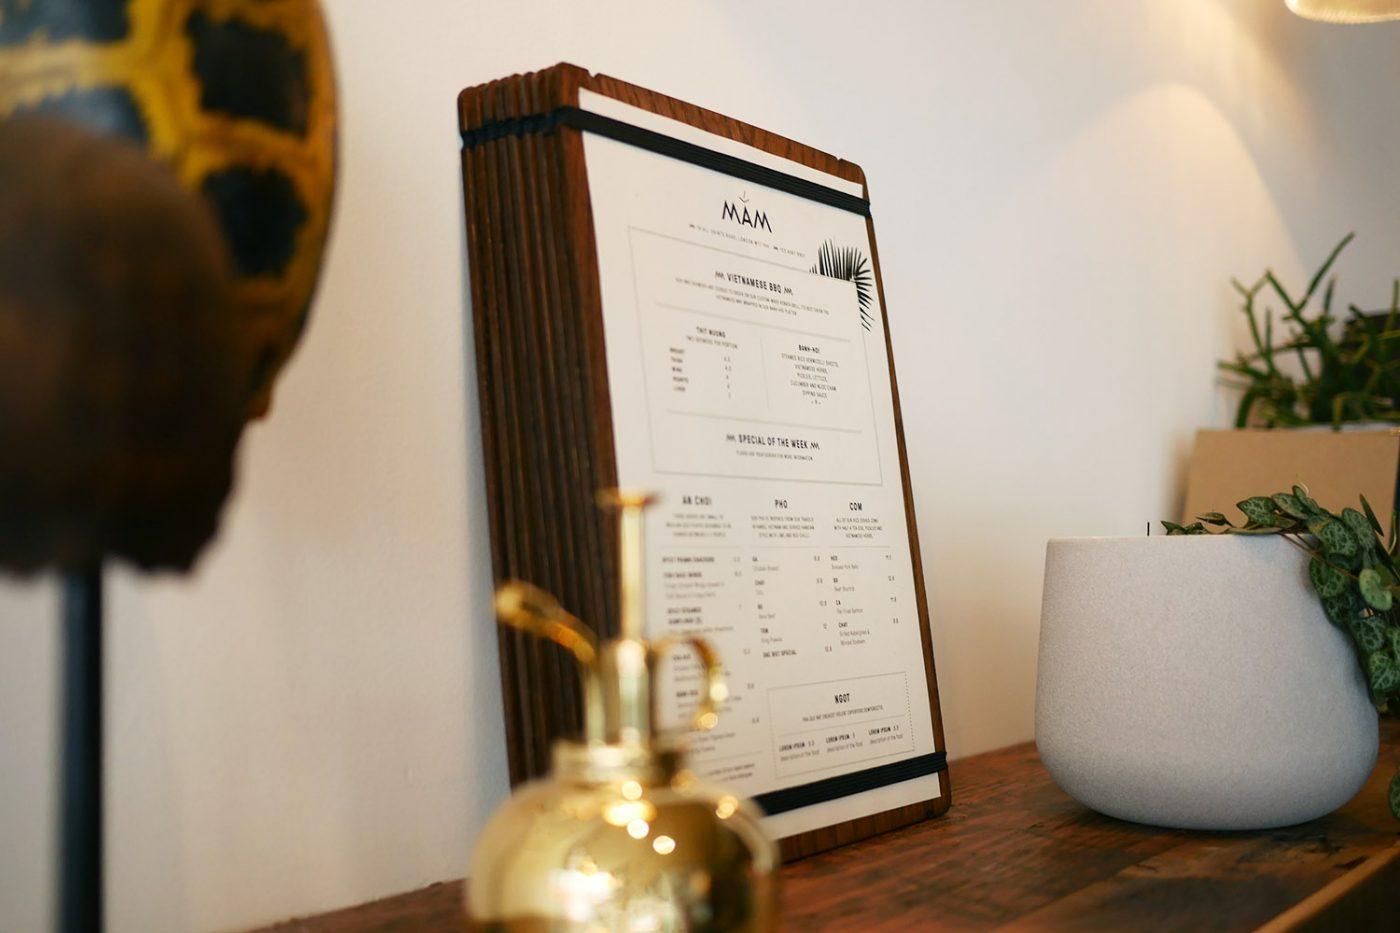 Mam_Restaurant_bar_Design_details_interior_branding_menu_coaster_logo_graphics_london